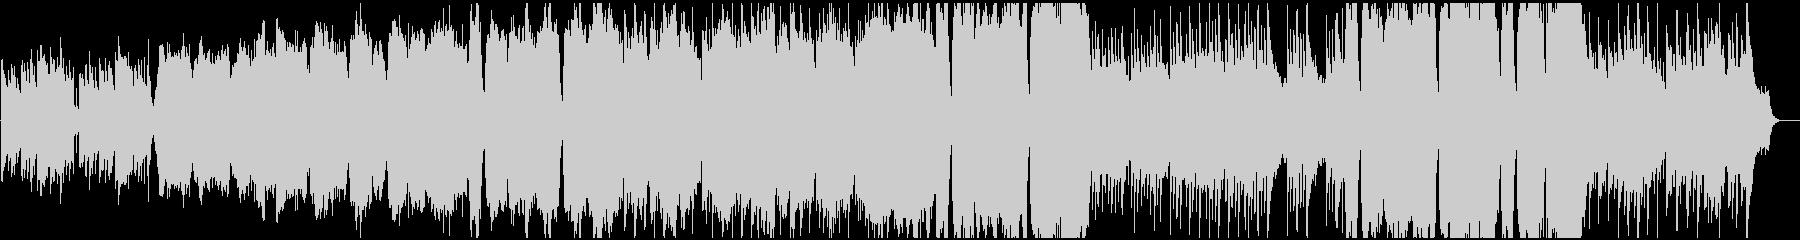 切なさから前を向くイメージのBGMの未再生の波形